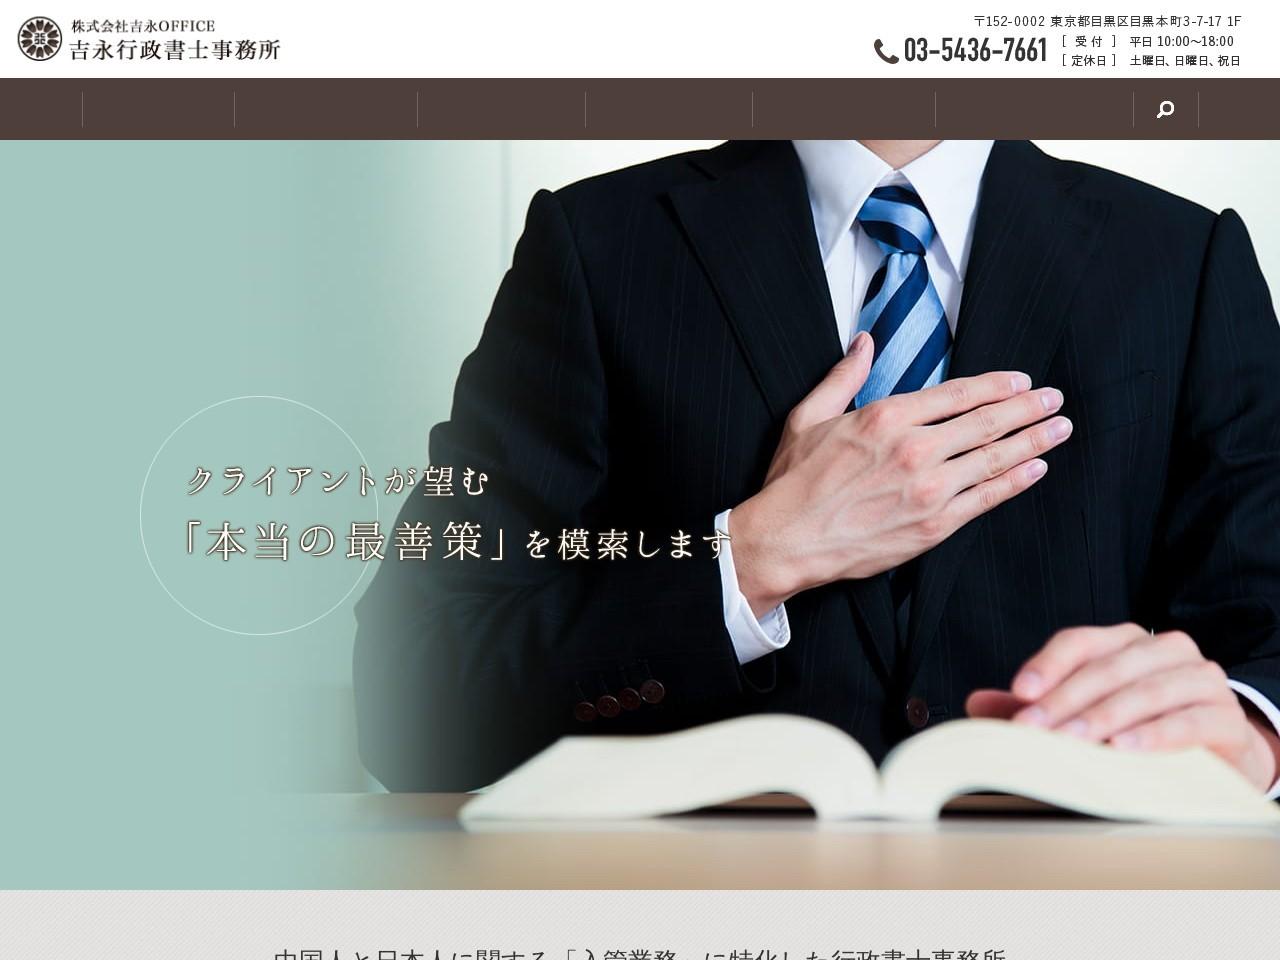 吉永行政書士事務所